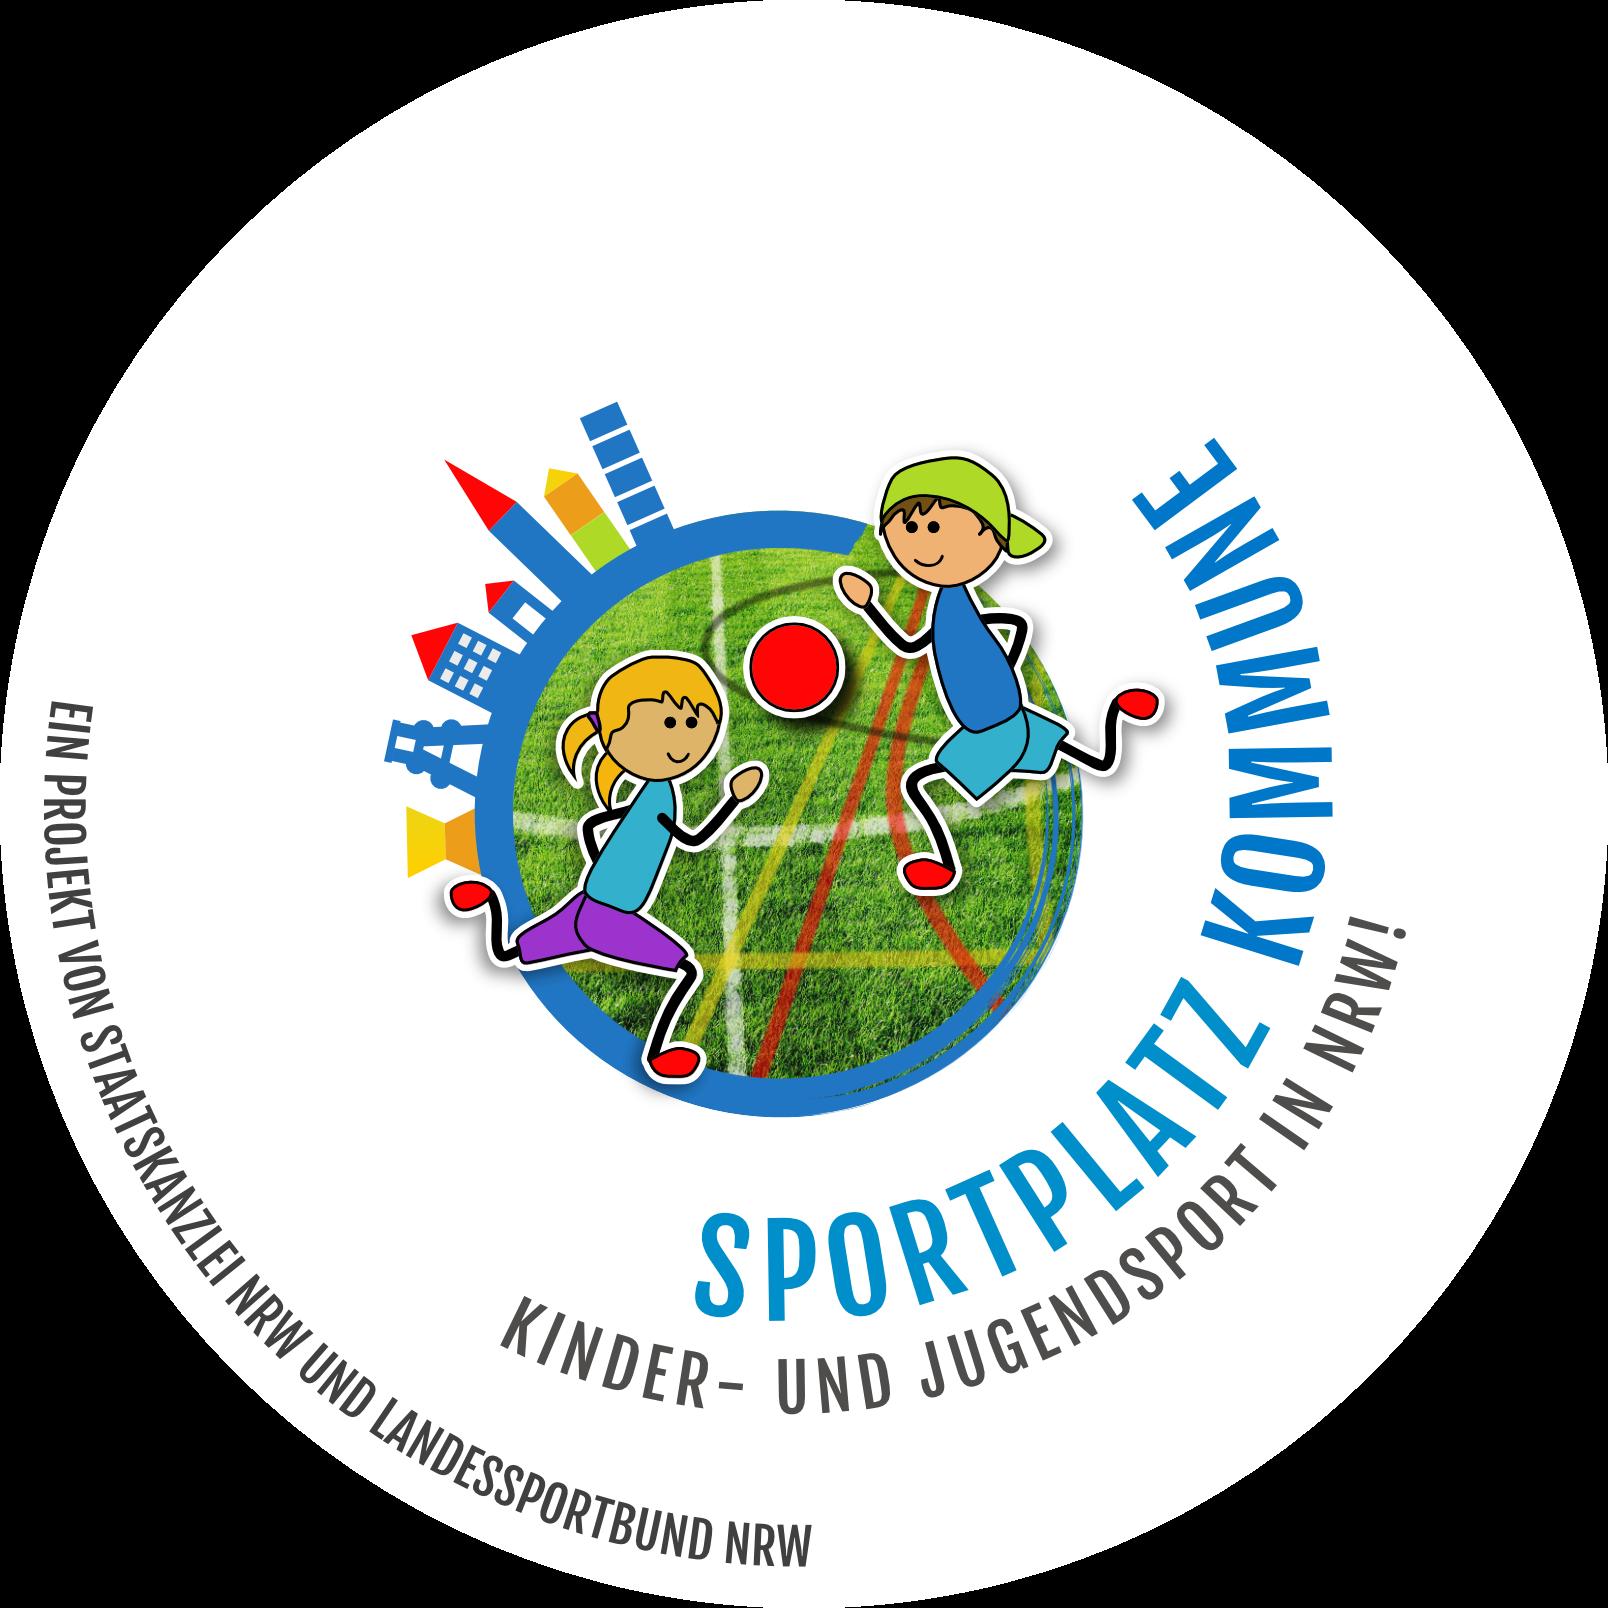 Sportplatz Kommune Logo